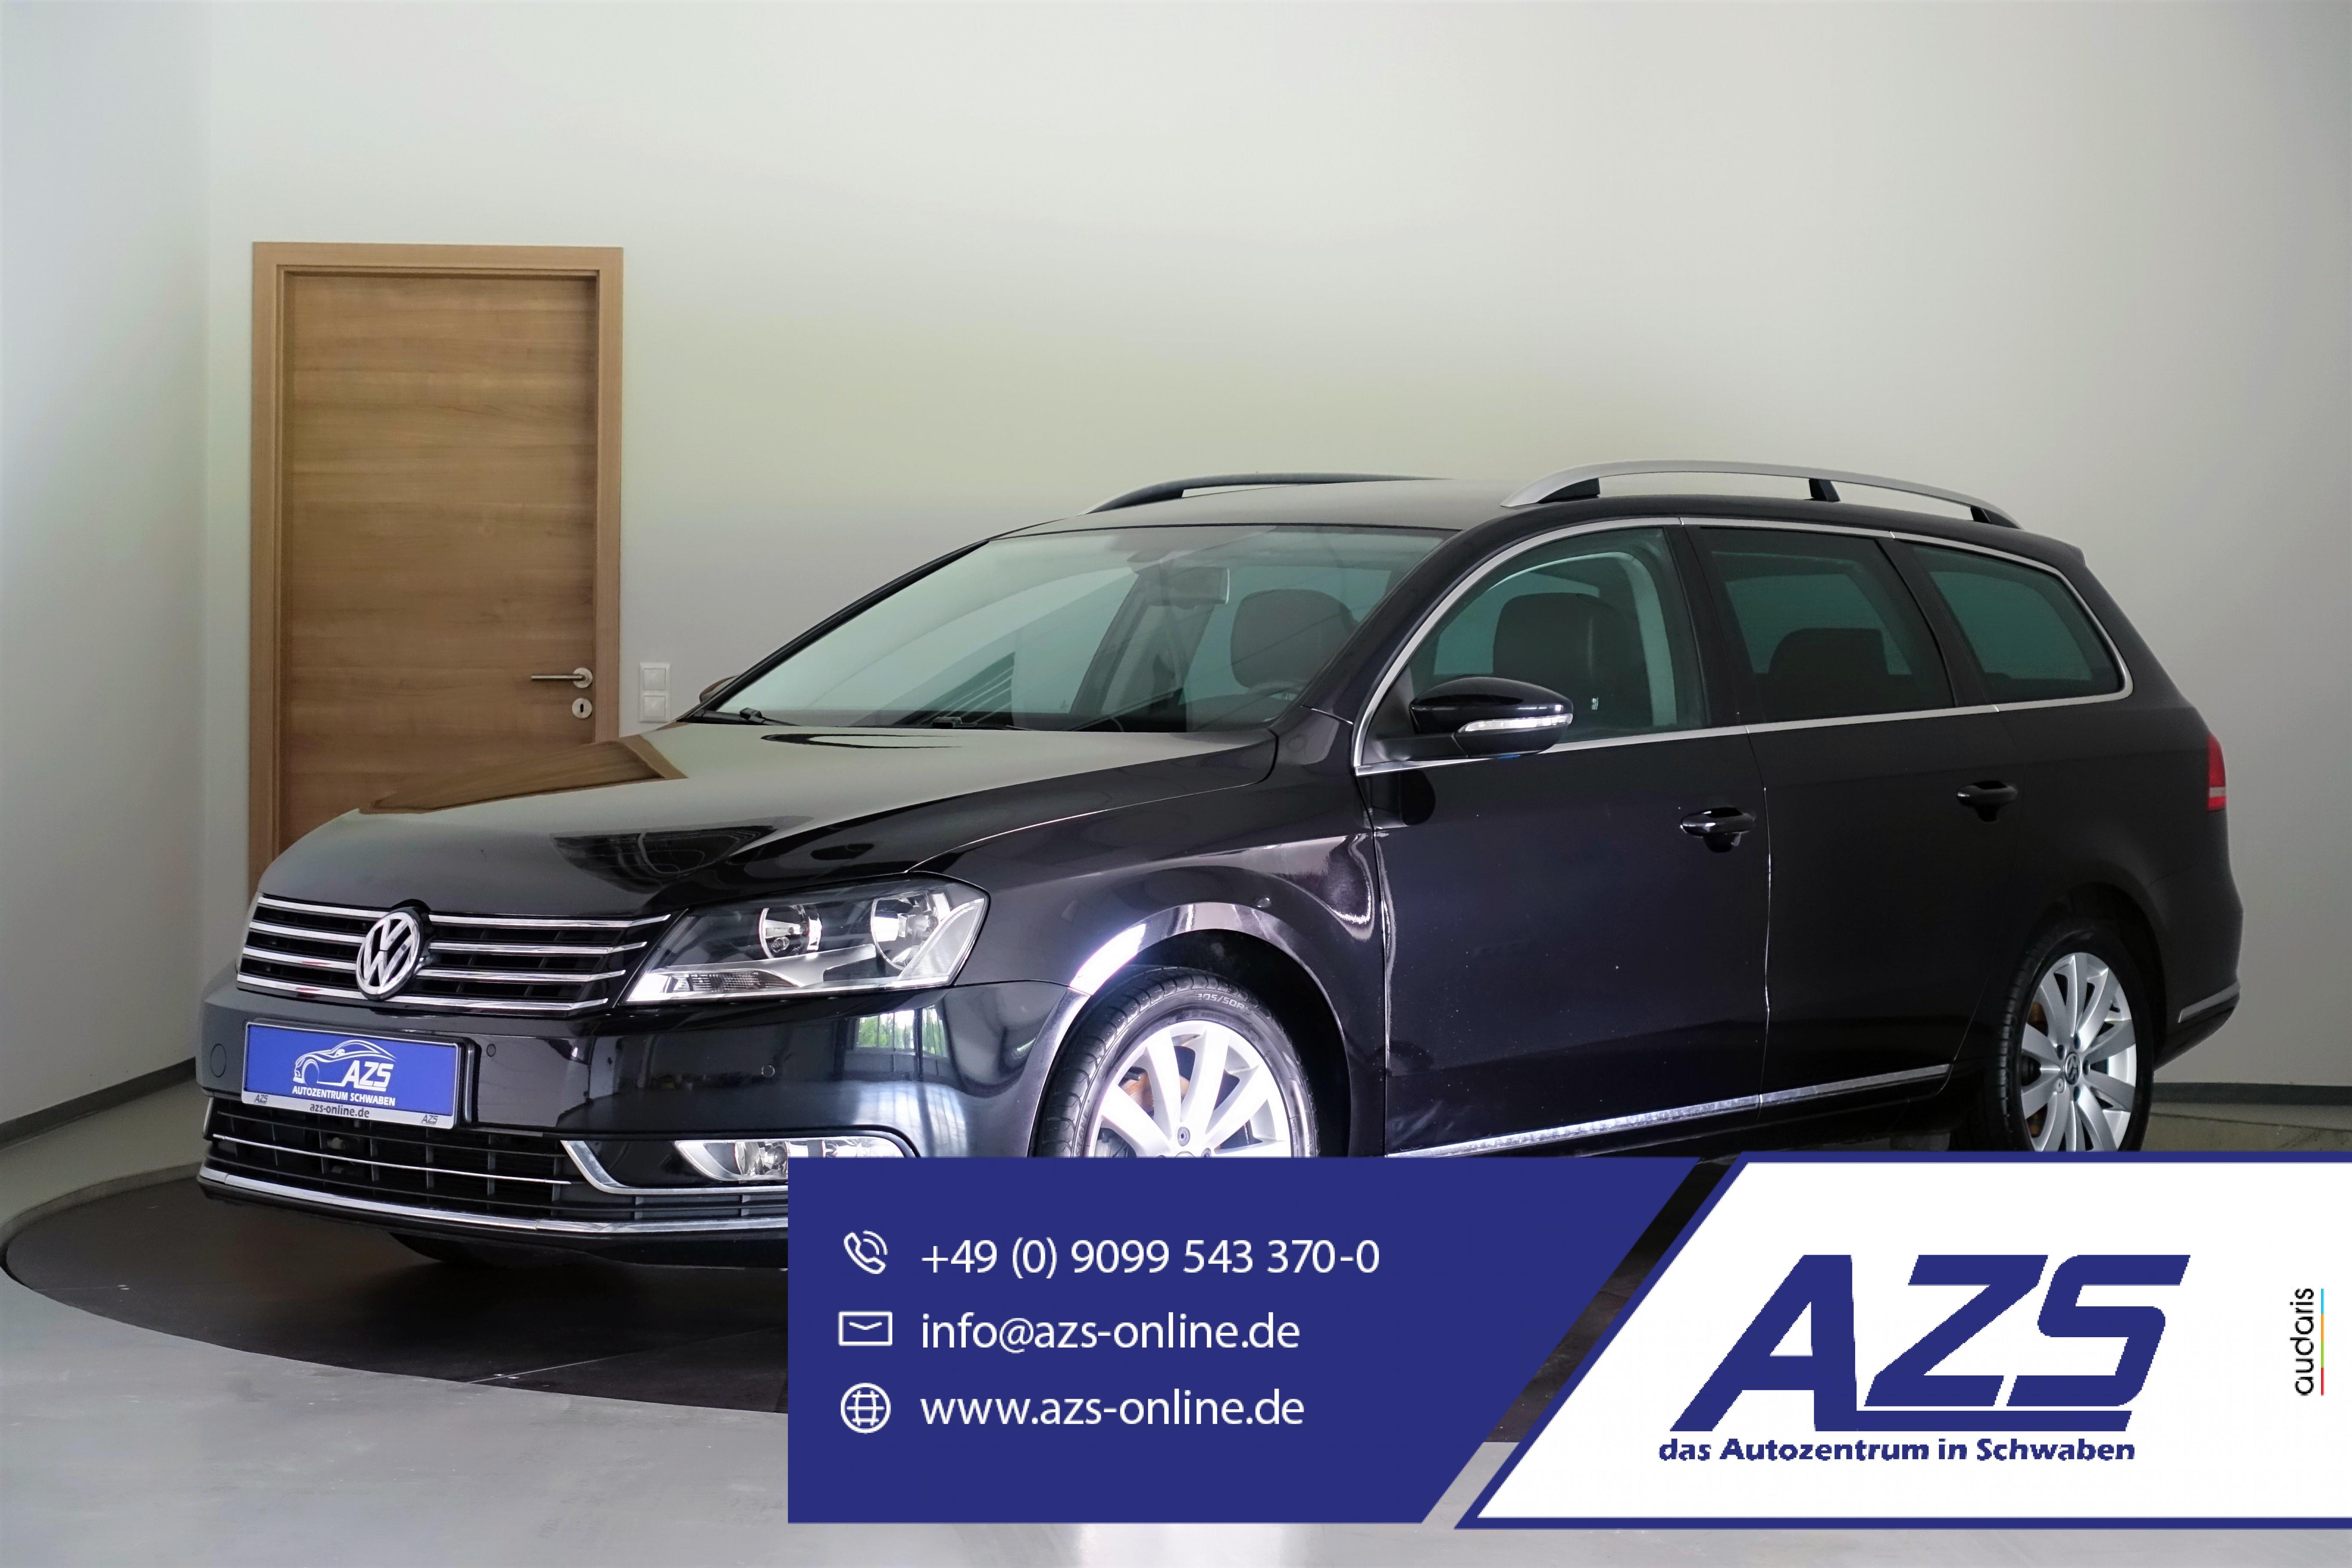 Volkswagen Passat 2.0 TDI Navi | AHK | 2x PDC | SHZ |, Jahr 2014, Diesel